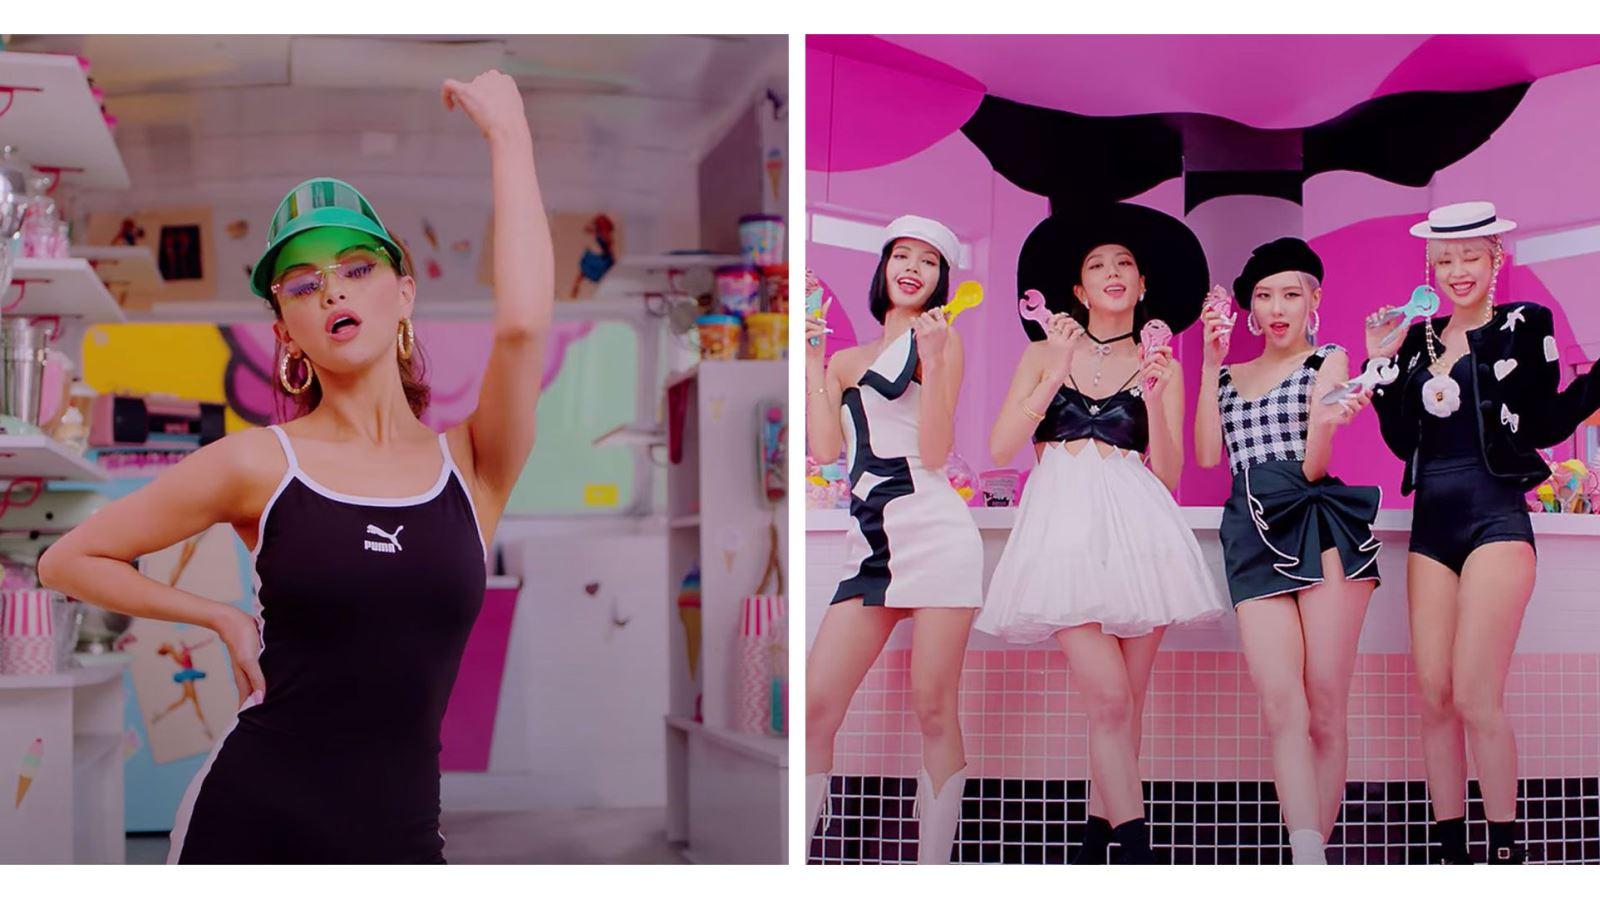 'Ice Cream' của Blackpink và Selena Gomez gây tranh cãi với vì phân biệt đối xử!